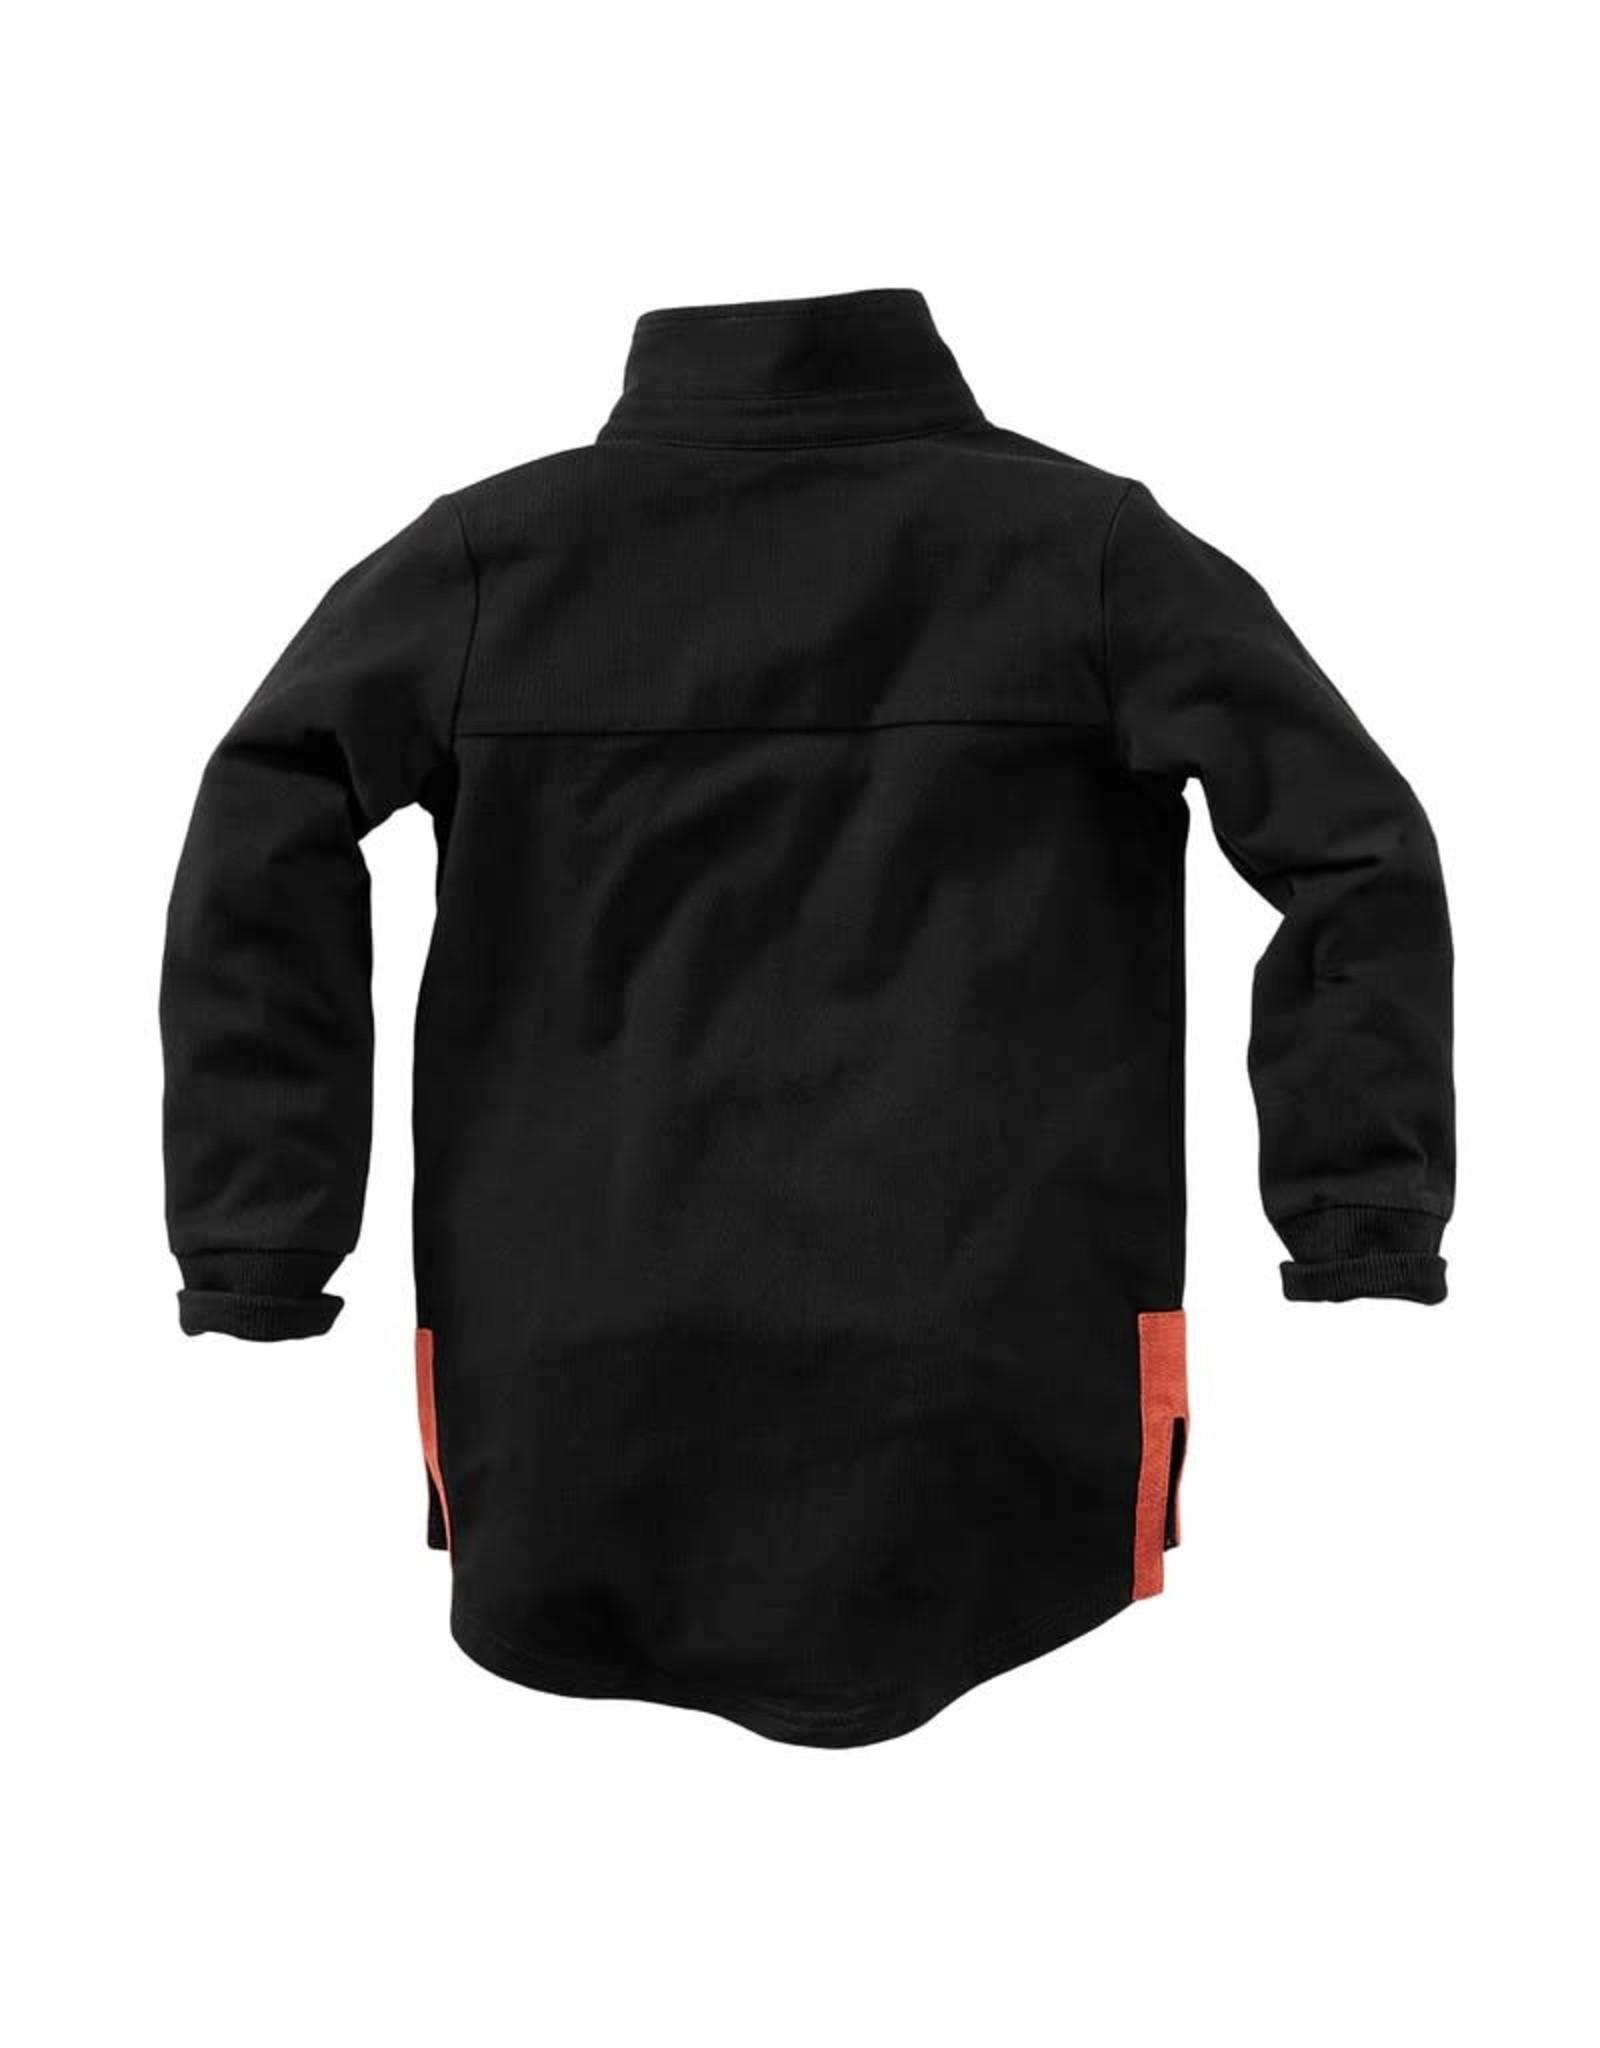 Z8 Baas blouse